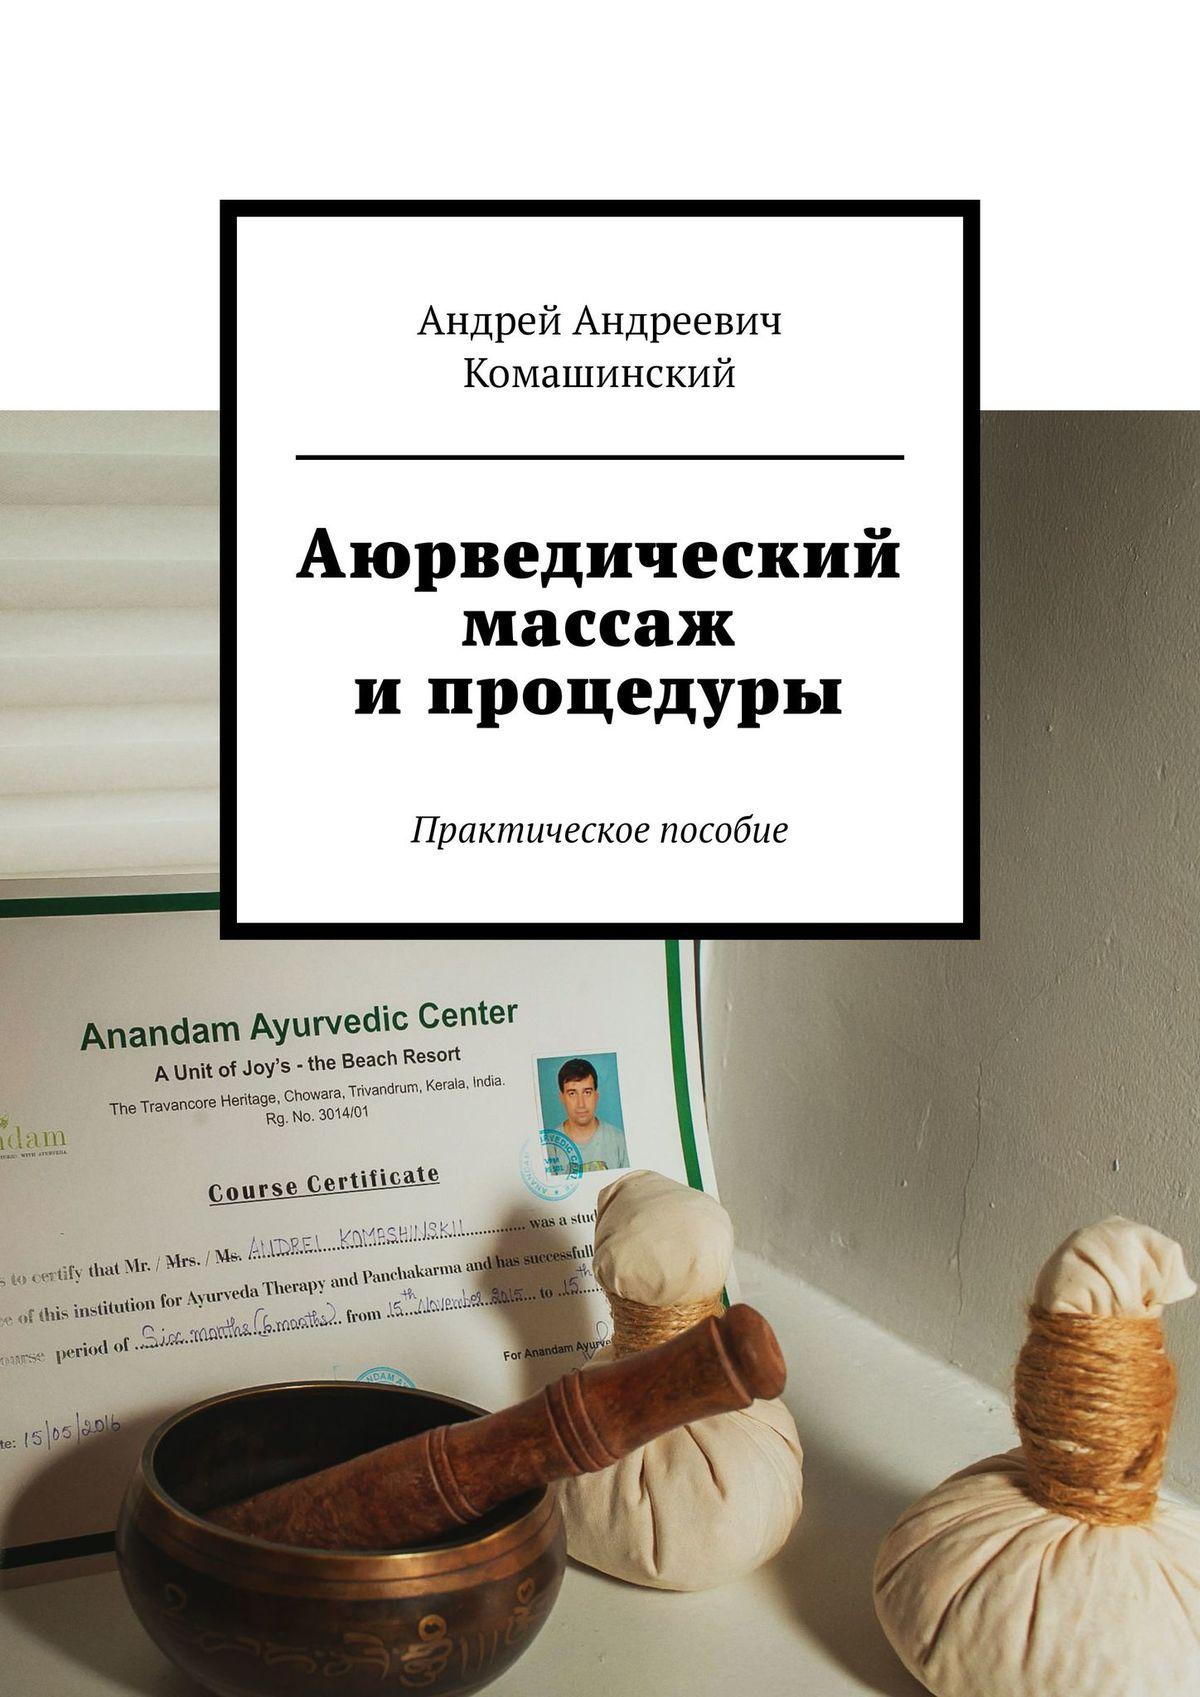 Аюрведический массаж и процедуры. Практическое пособие